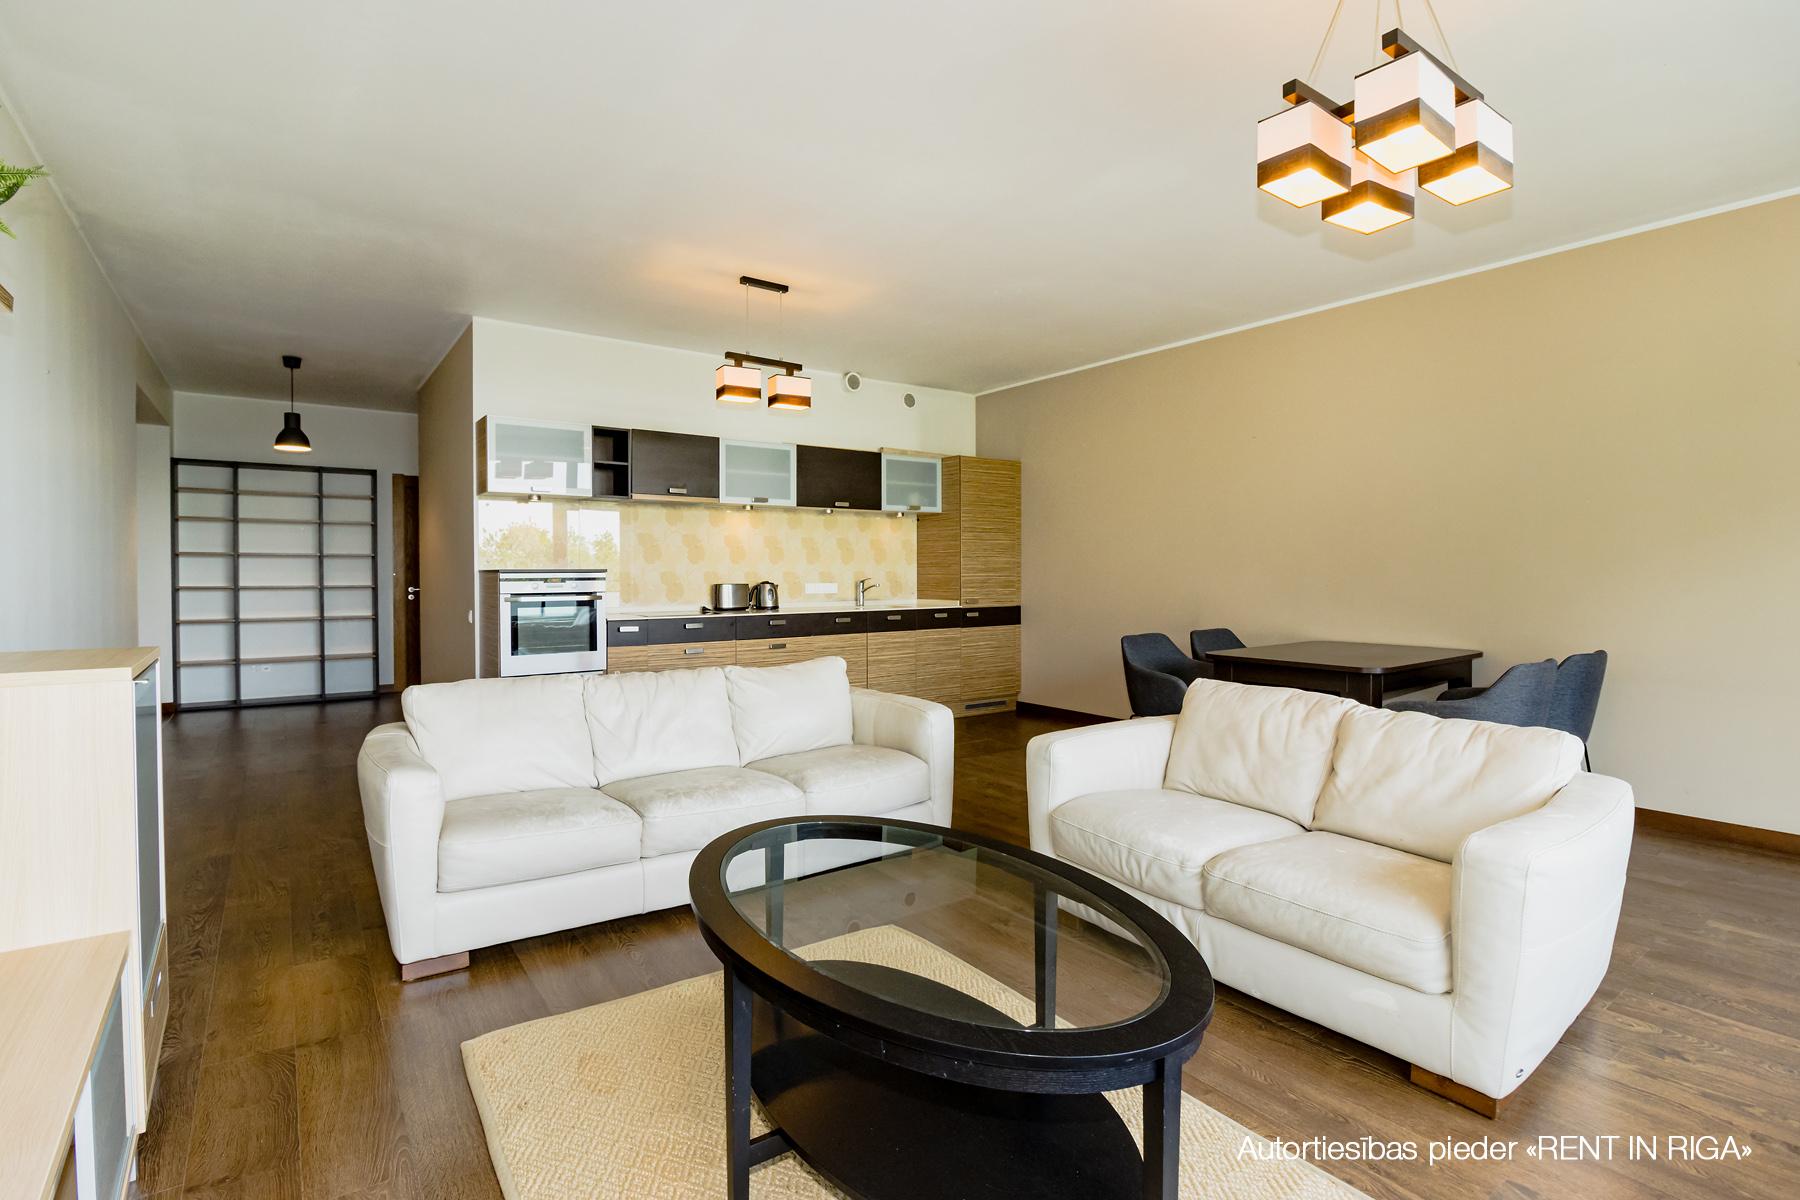 Pārdod dzīvokli, Duntes iela iela 28 - Attēls 1